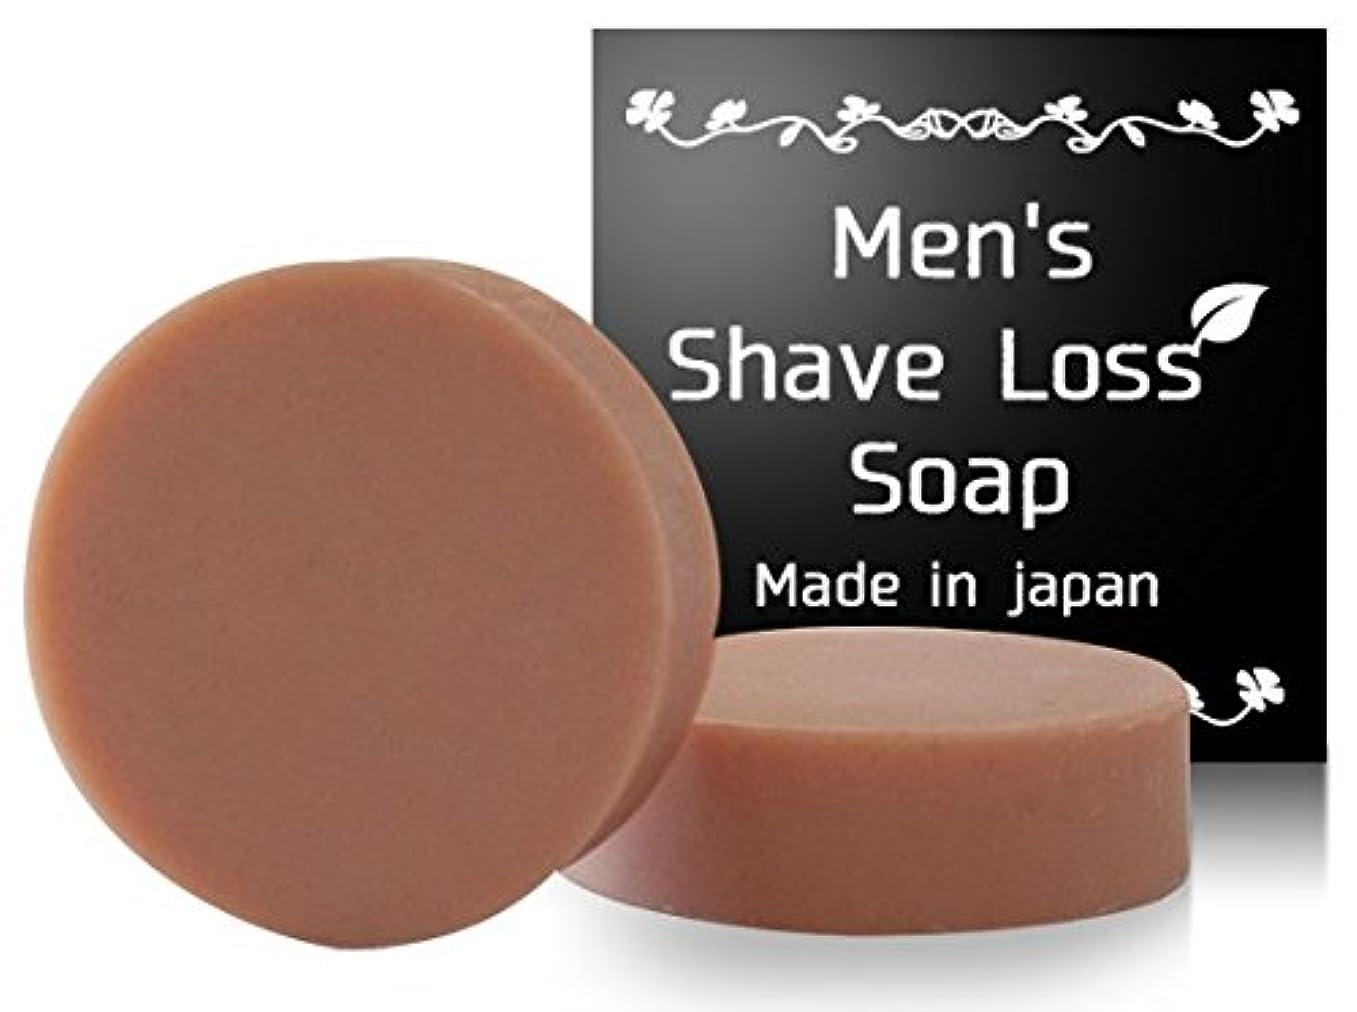 ごみいつも細部Mens Shave Loss Soap シェーブロス 剛毛は嫌!ツルツル過ぎも嫌! そんな夢を叶えた奇跡の石鹸! 【男性専用】(1個)